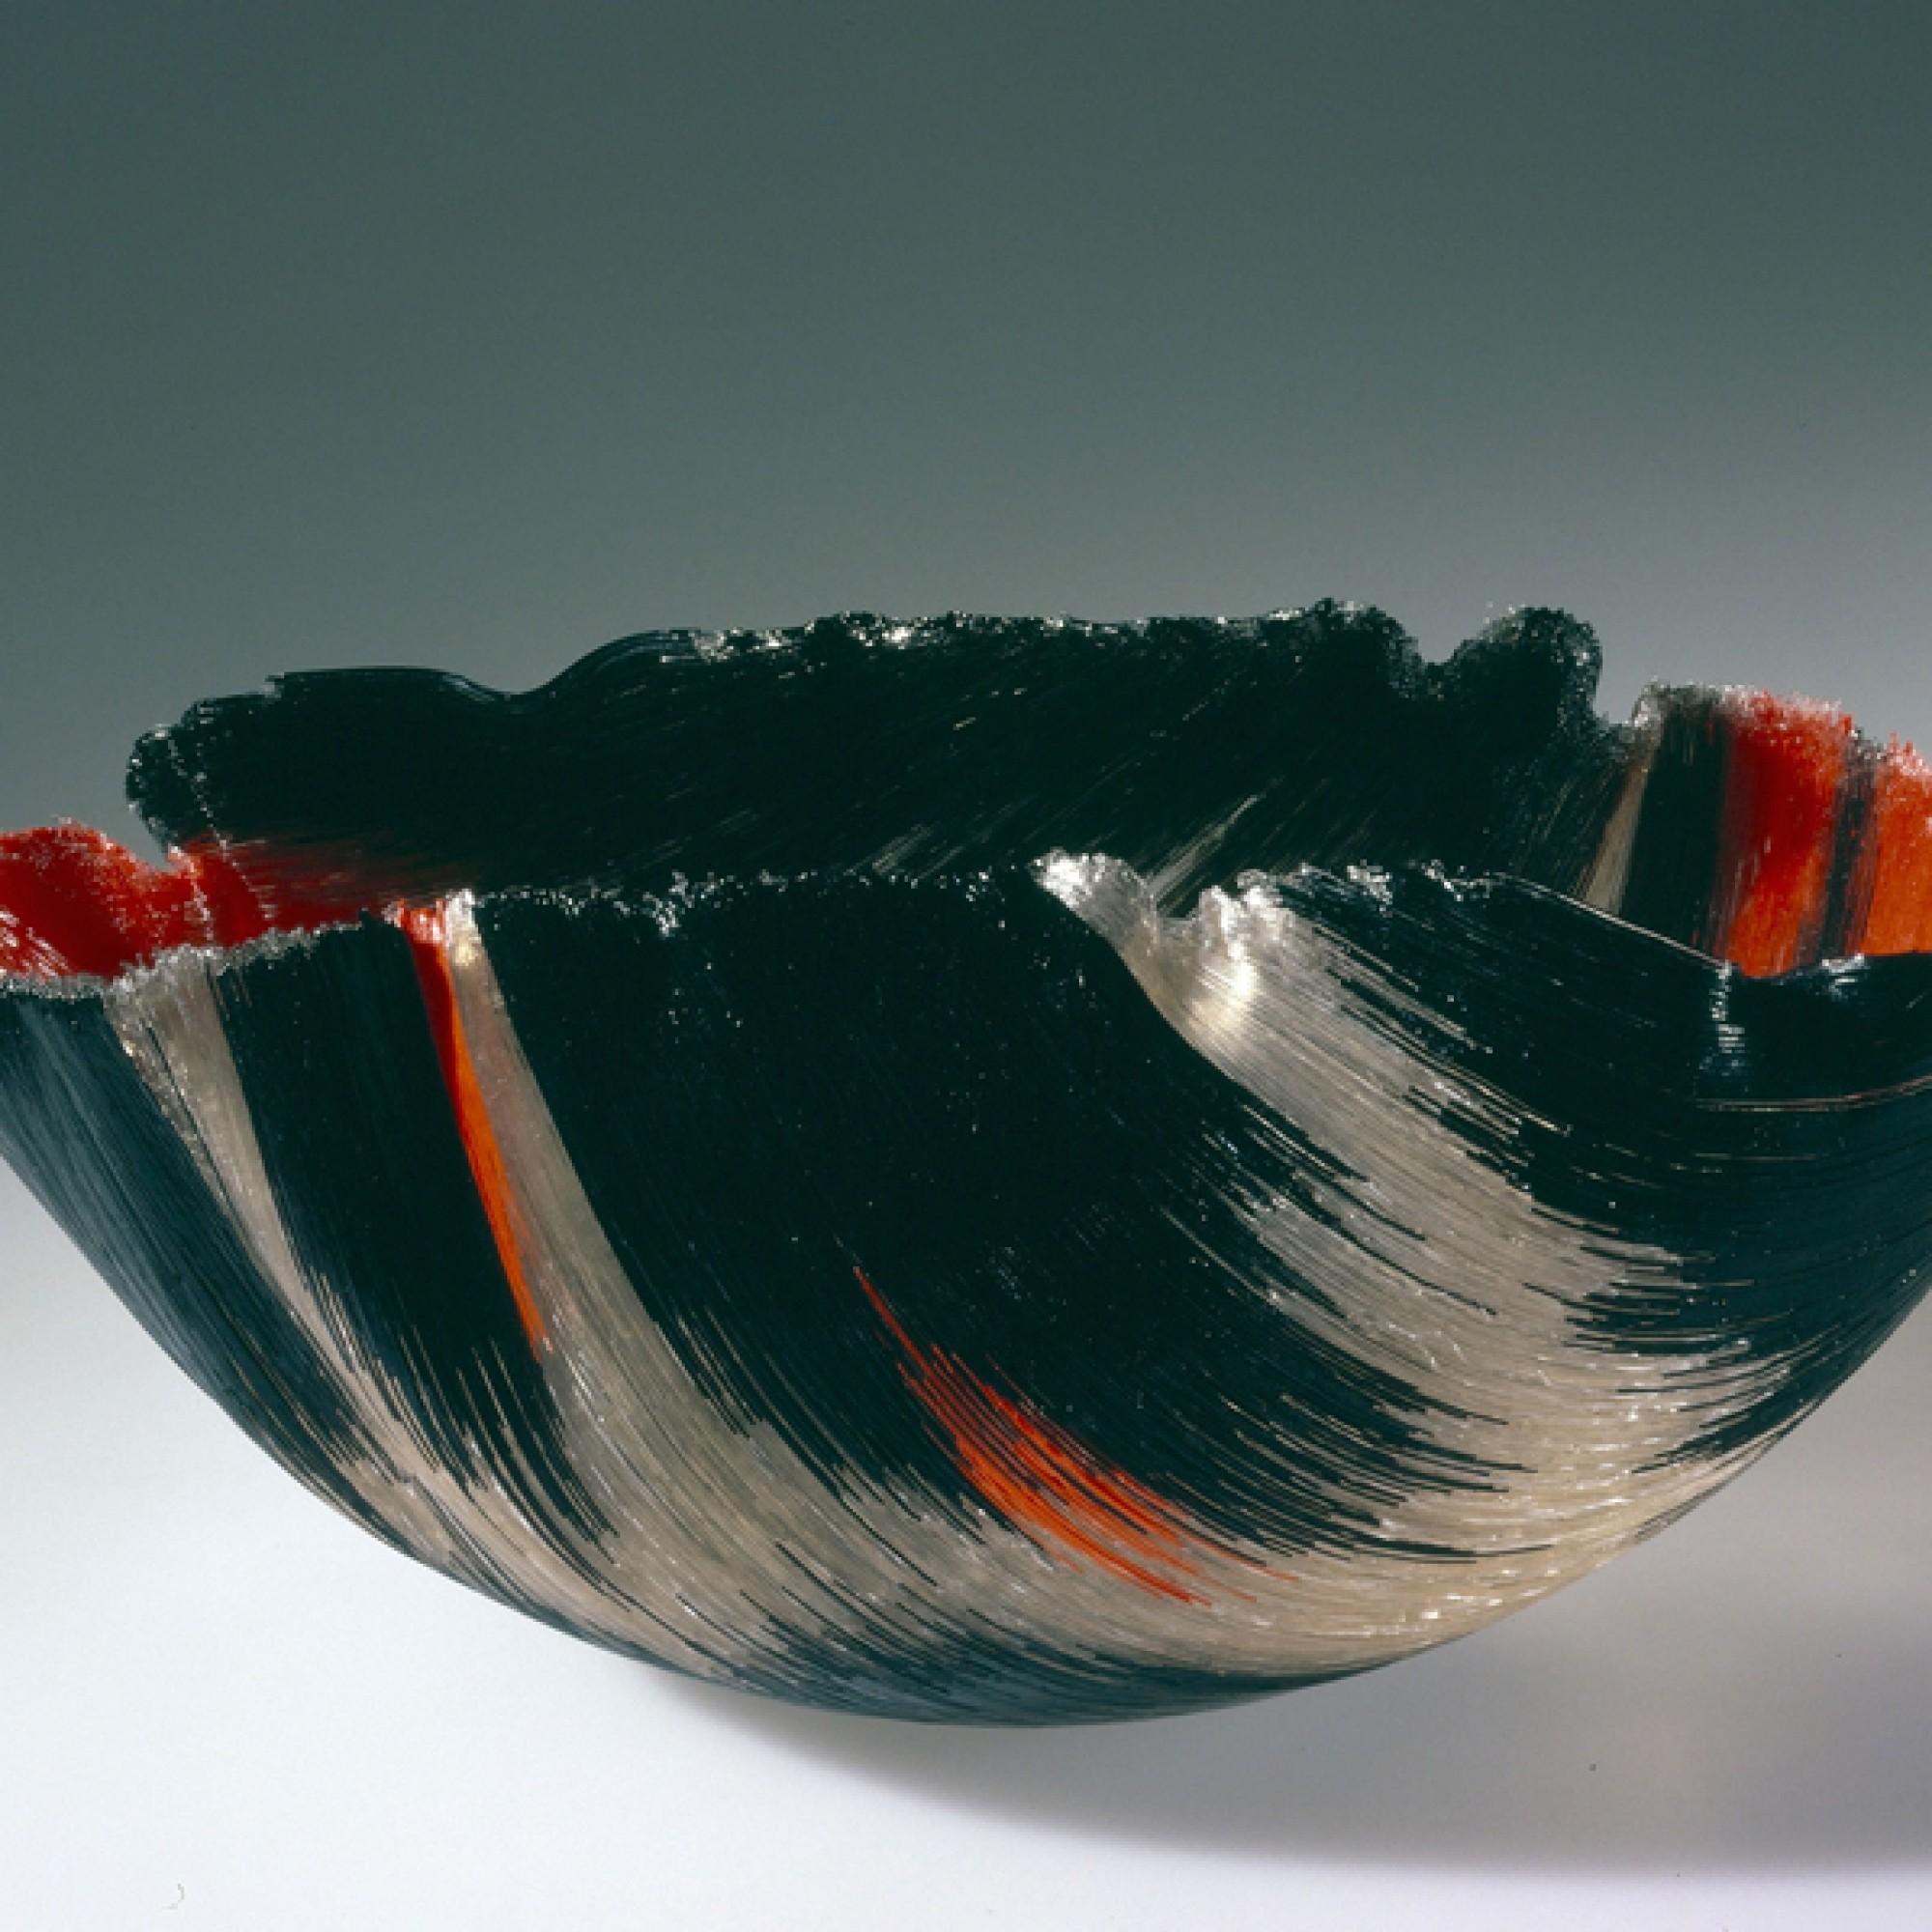 Mary Ann Toots Zynsky, Schale Tierra del fuego, Glasfäden,1988. (Museum für Gestaltung Zürich, M.Perez)